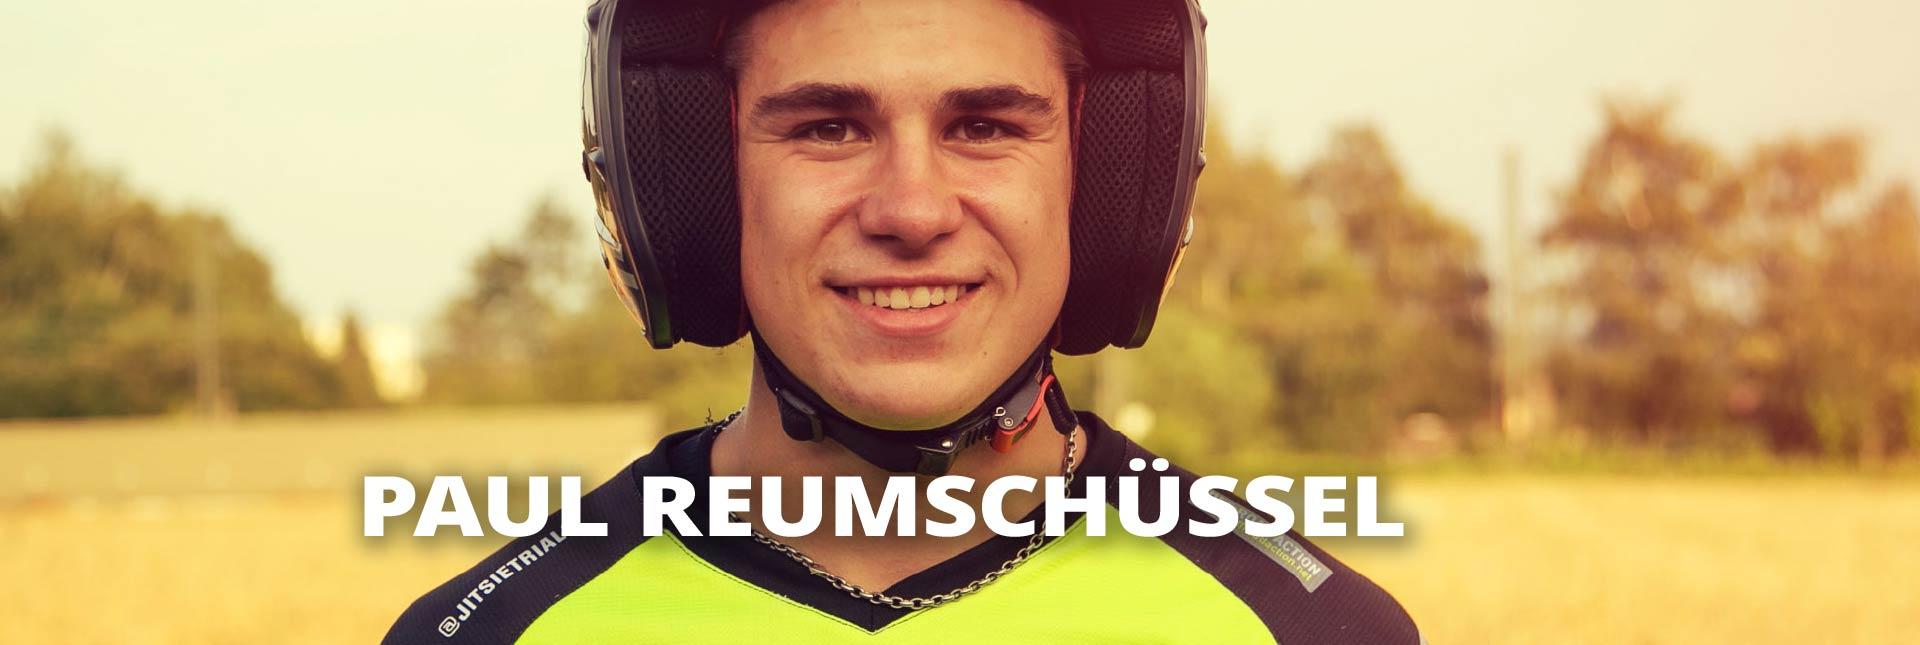 Paul Reumschüssel